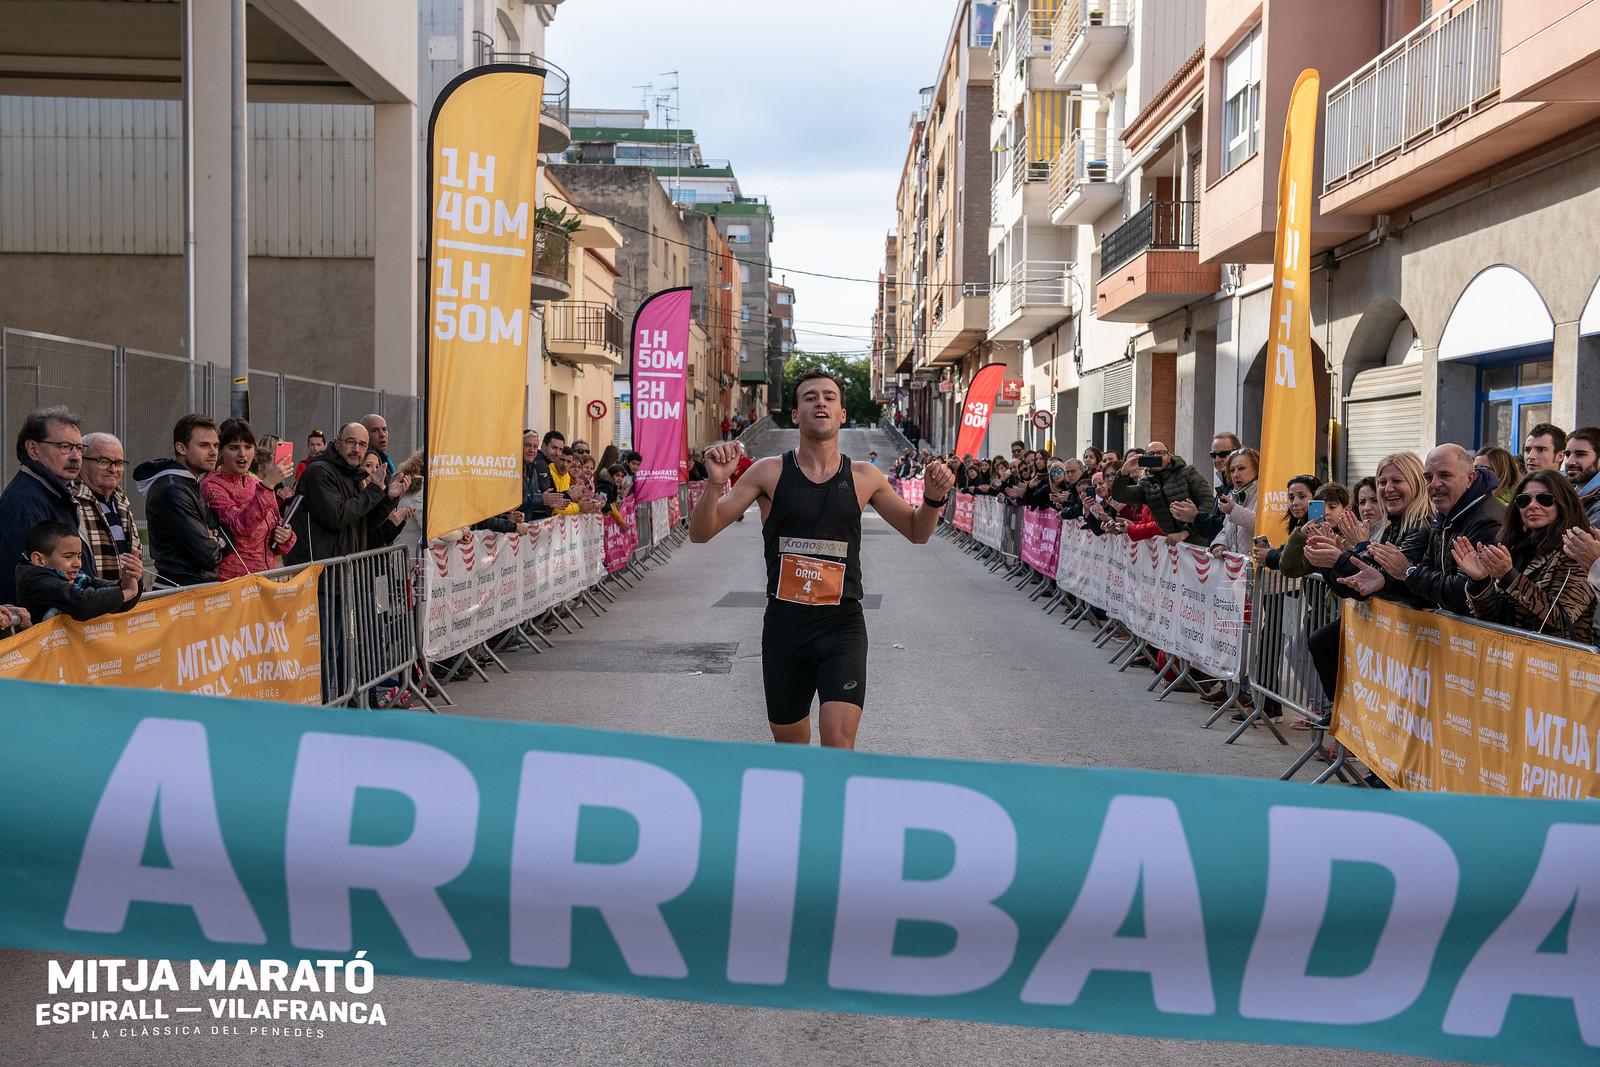 Mitja Marató Espirall - Vilafranca · 2019